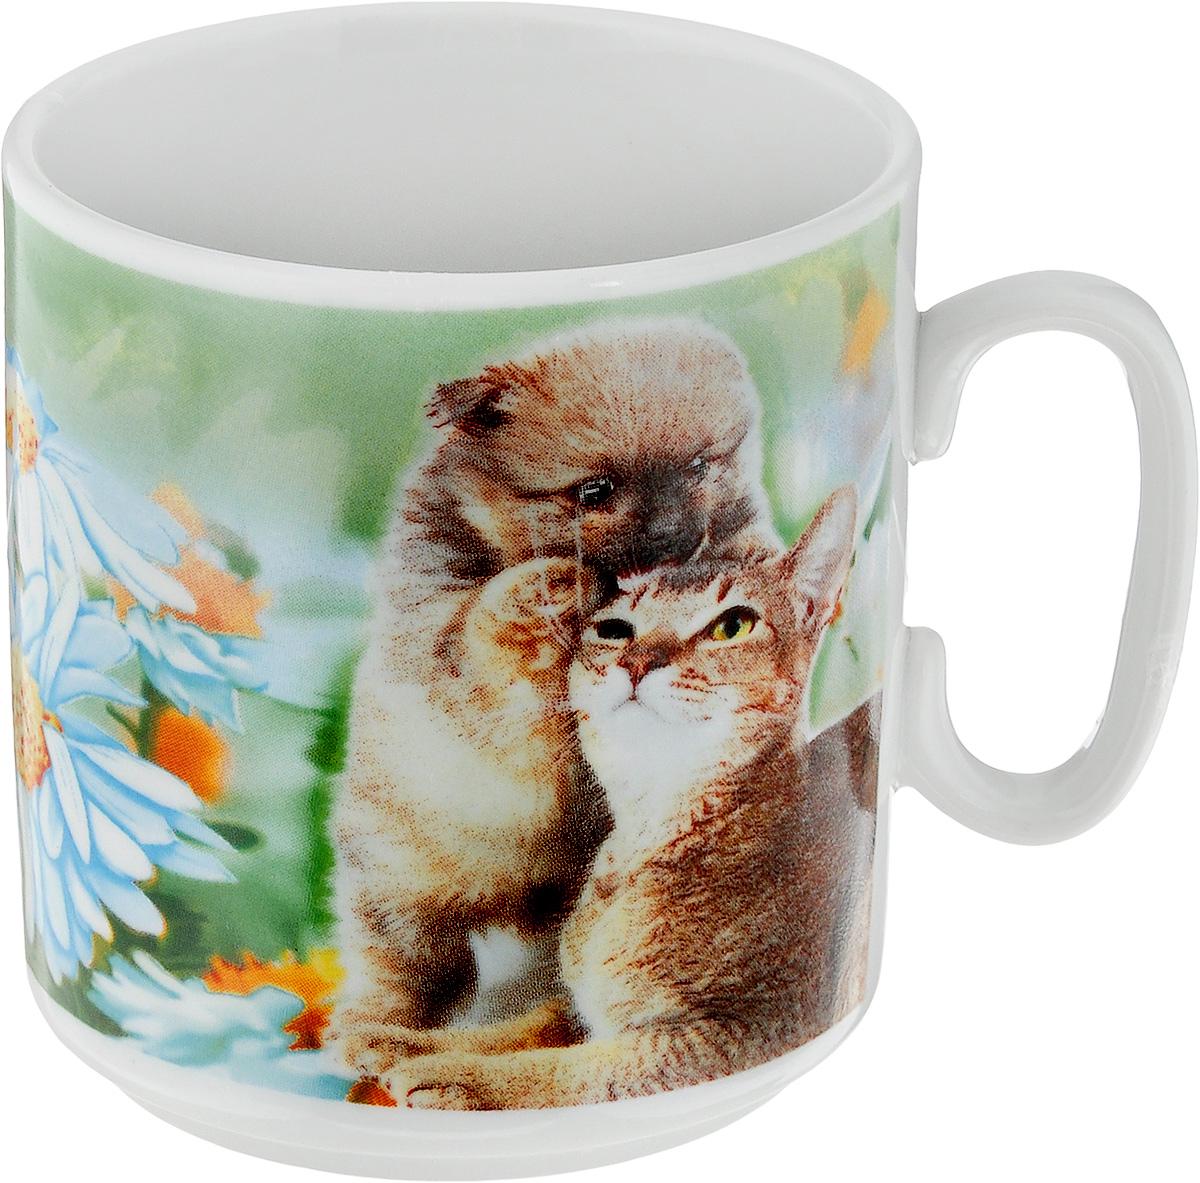 Кружка Джойс. Йоркширский терьер, кот и ромашки, 300 мл68/5/2Кружка Джойс. Йоркширский терьер, кот и ромашки изготовлена из высококачественного фарфора. Внешние стенки изделия оформлены красочным рисунком. Такая кружка прекрасно подойдет для горячих и холодных напитков. Она дополнит коллекцию вашей кухонной посуды и будет служить долгие годы.Диаметр кружки (по верхнему краю): 8 см.Высота кружки: 8,5 см.